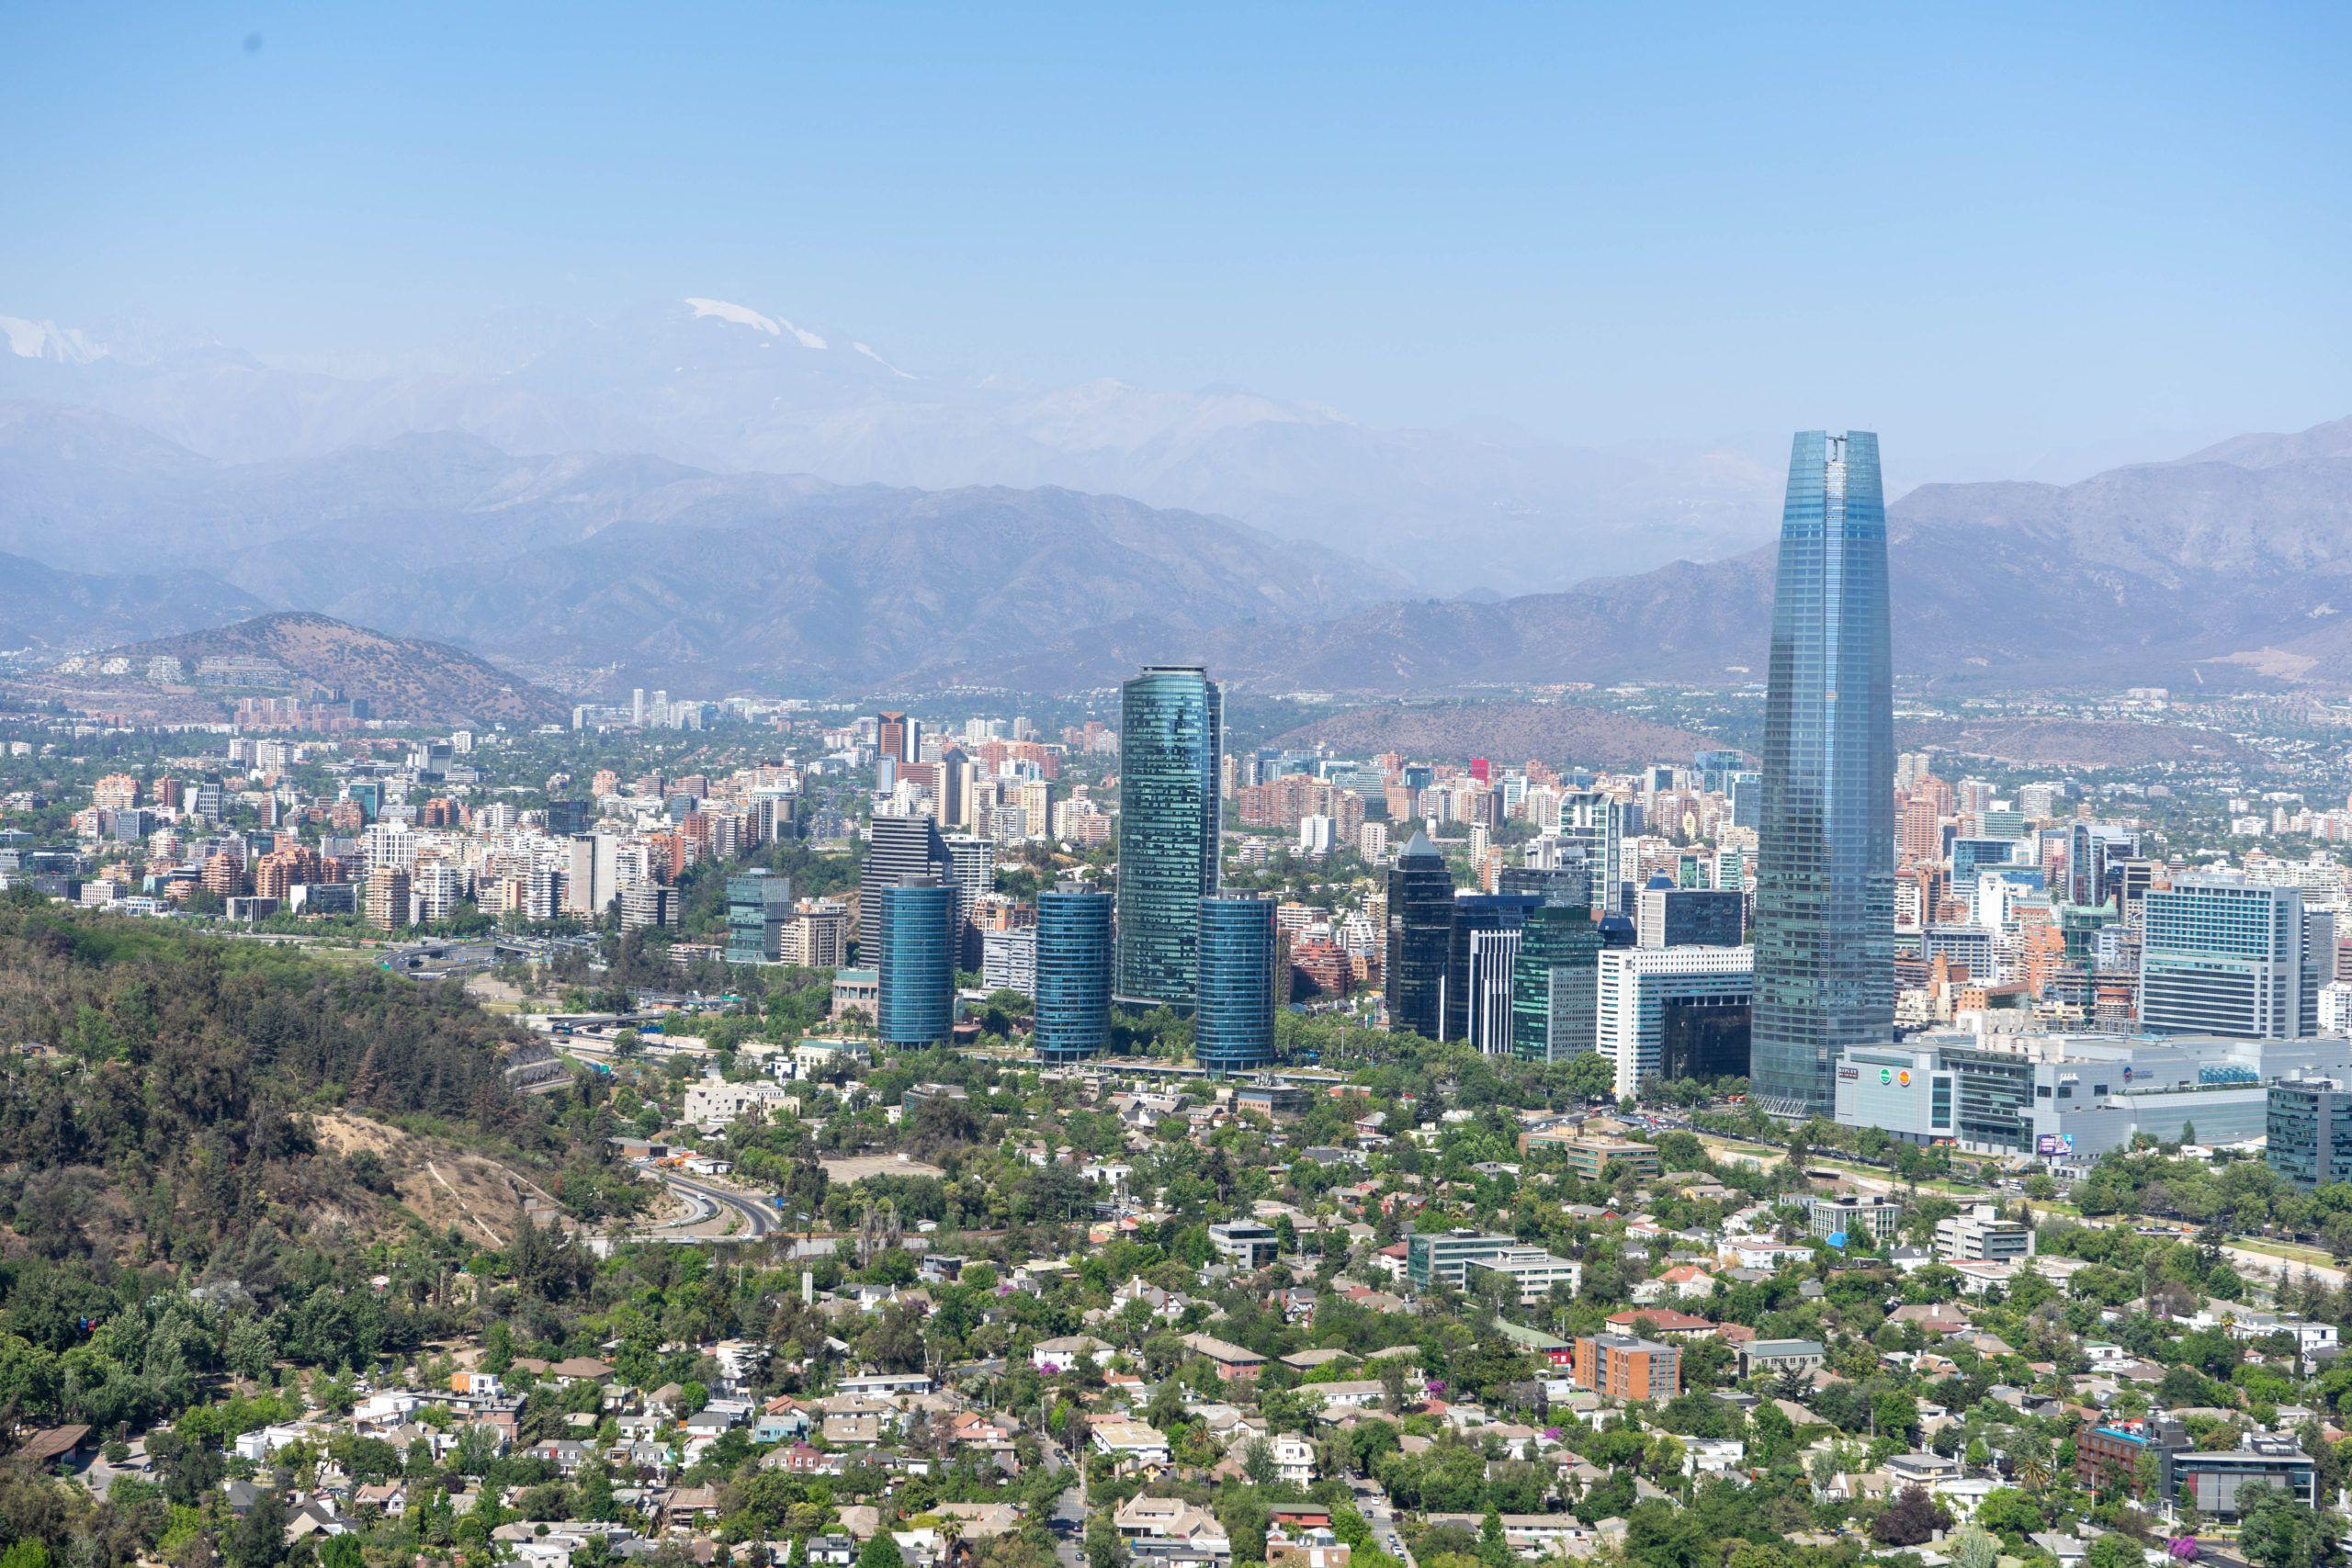 Quelle est la capitale du Chili?